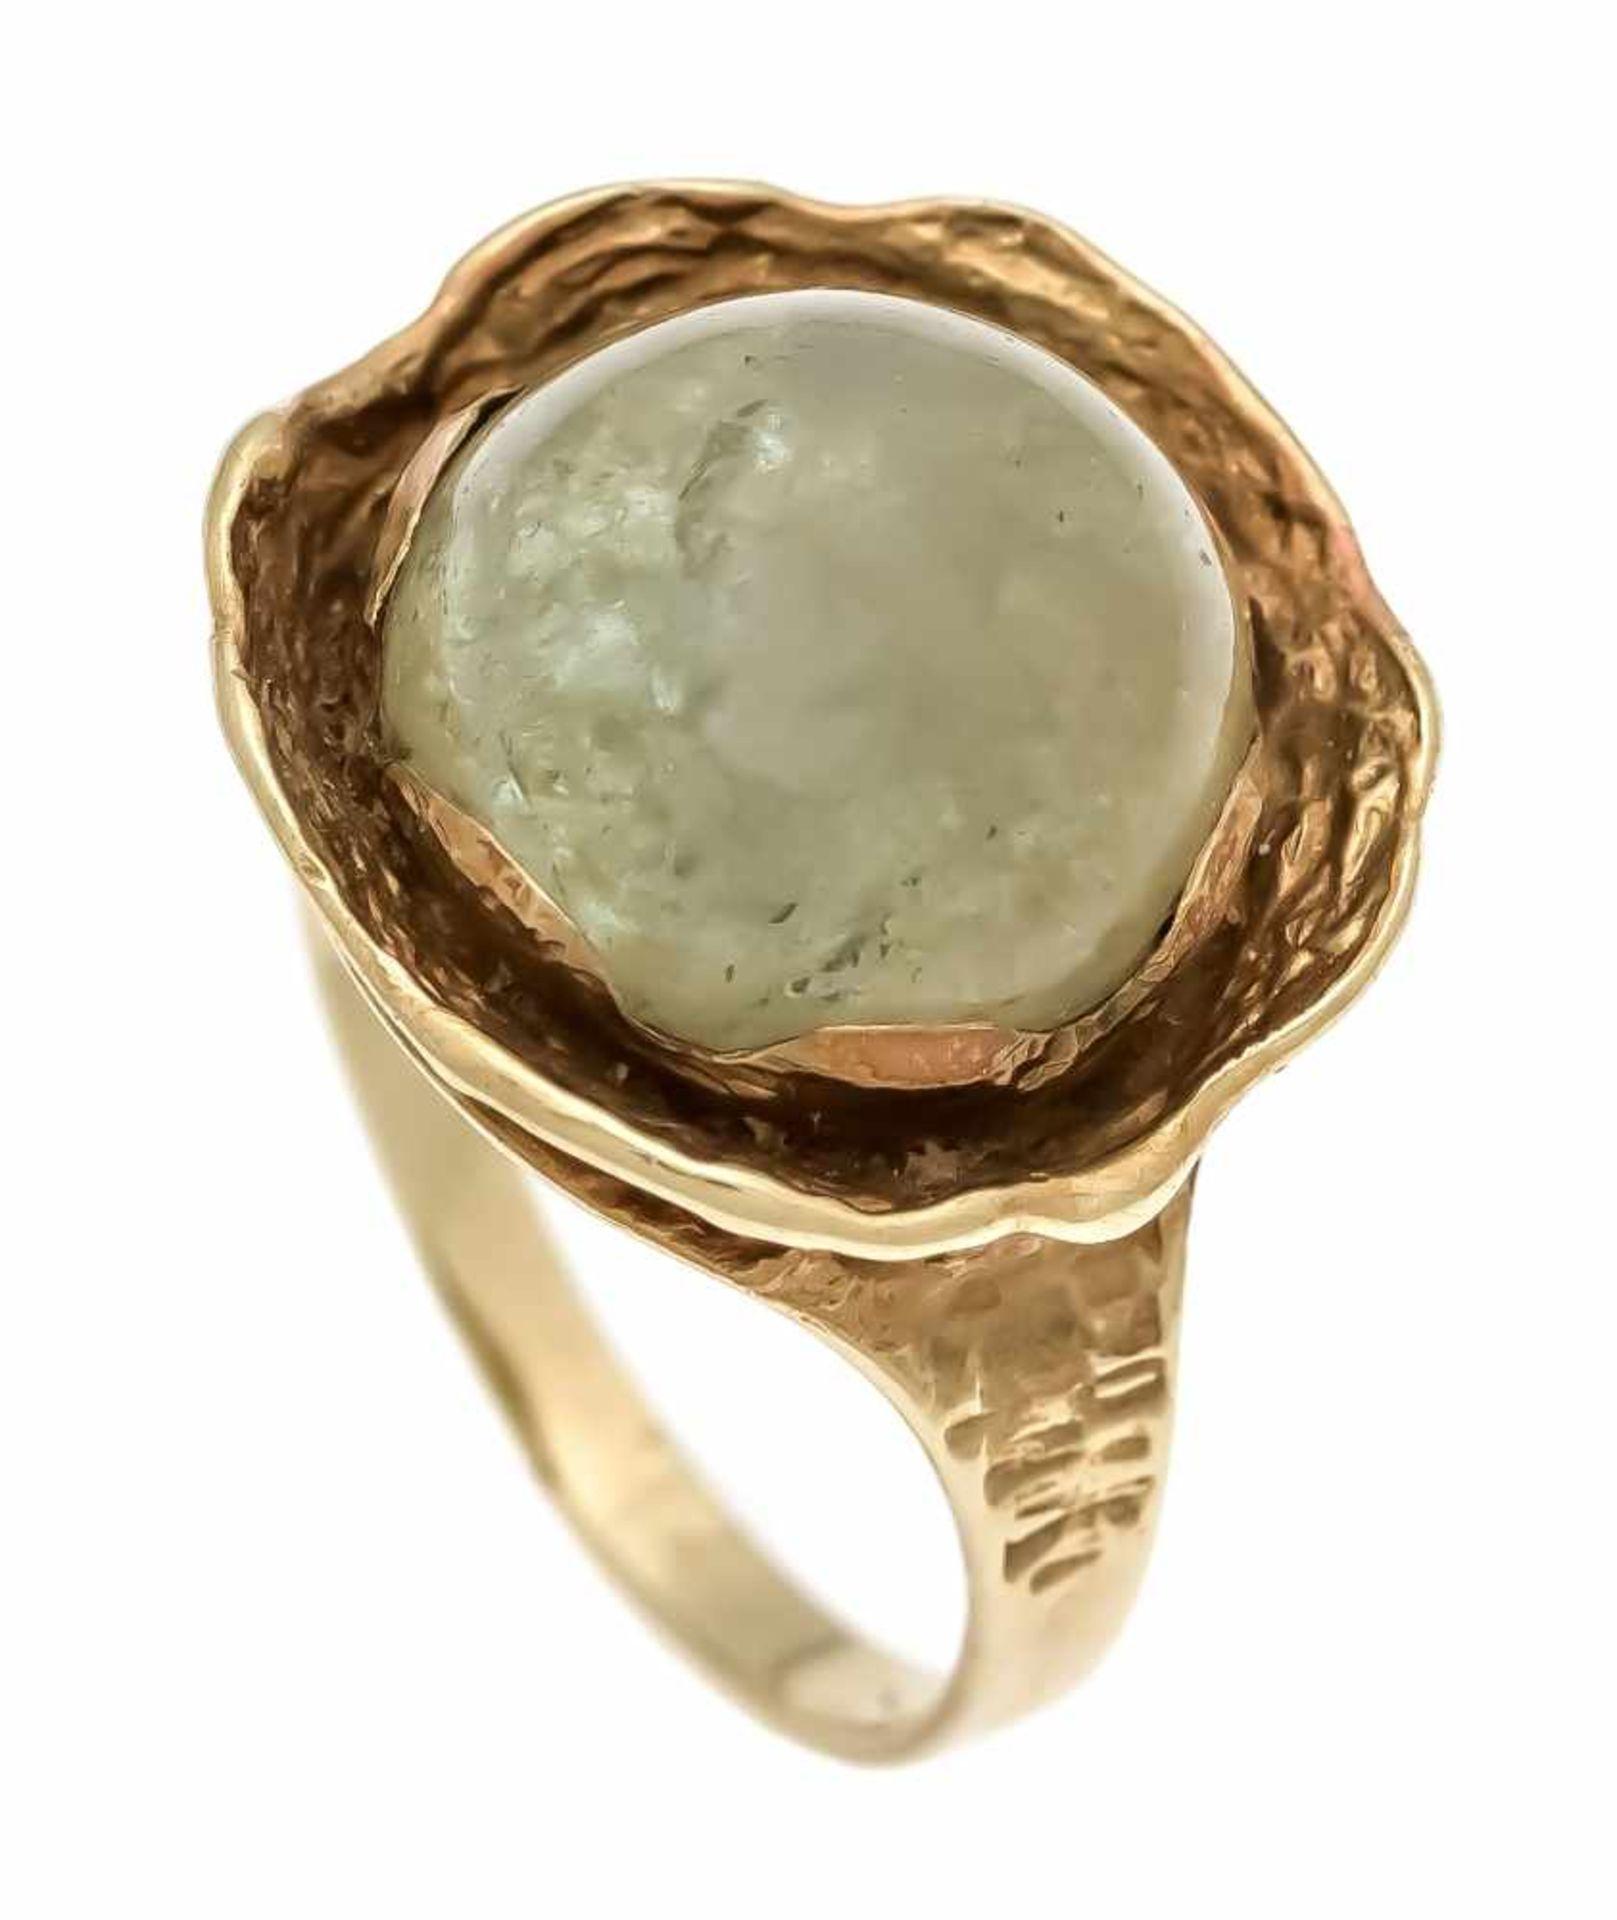 Edelstein-Ring GG 585/000 mit einem grünen Edelsteincabochon 11 mm, RG 54, 6,0 gGemstone ring GG